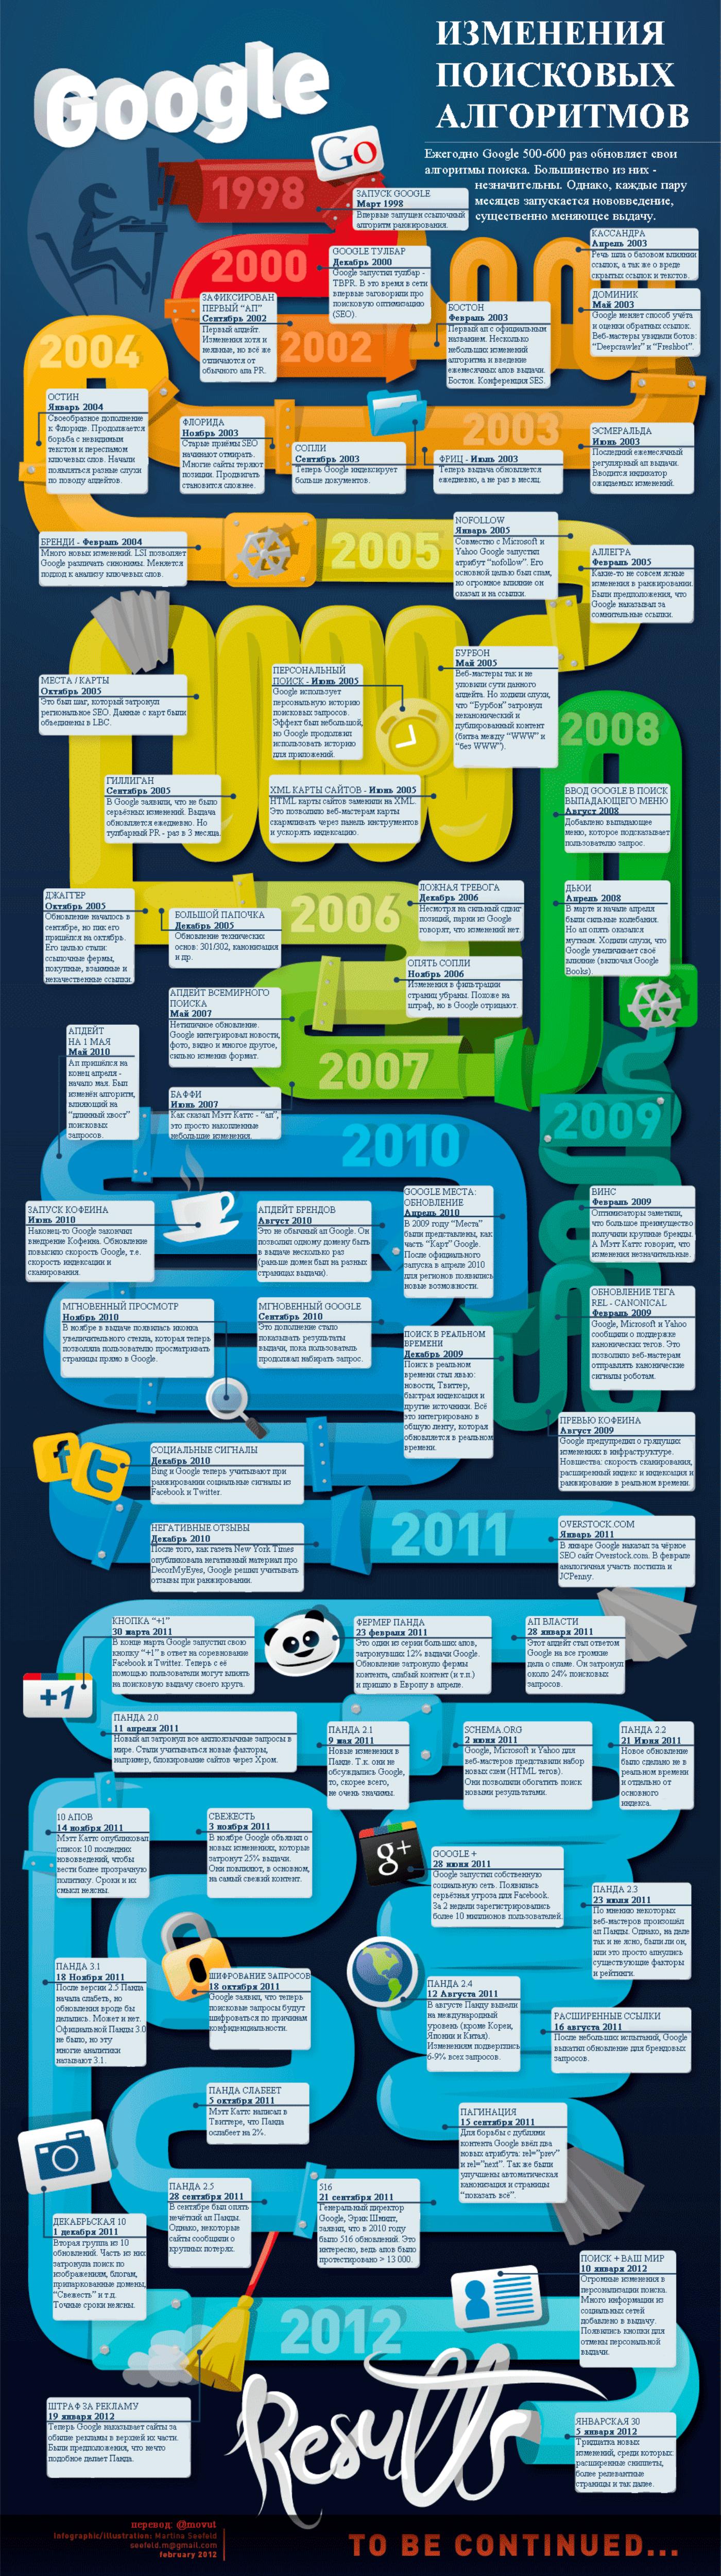 История изменений поисковых алгоритмов Гугла